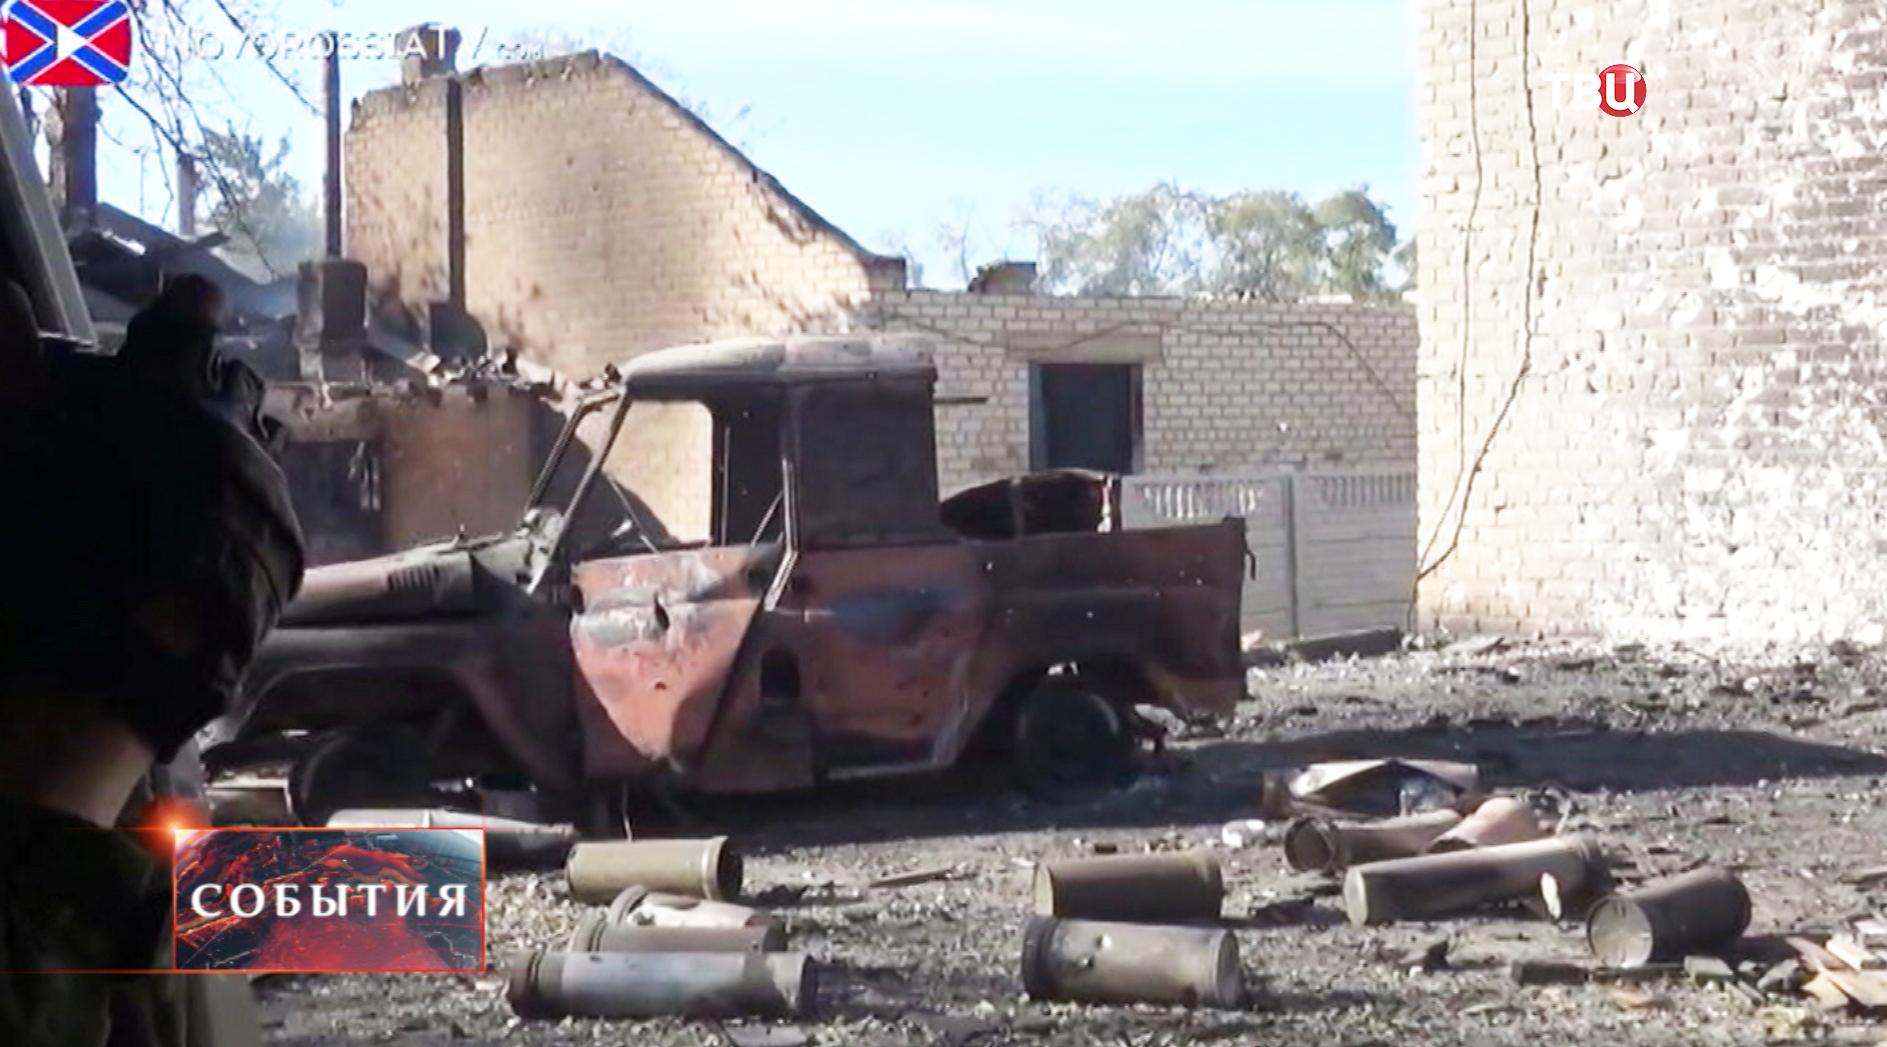 Результат артобстрела жилых районов на юго-востоке Украины